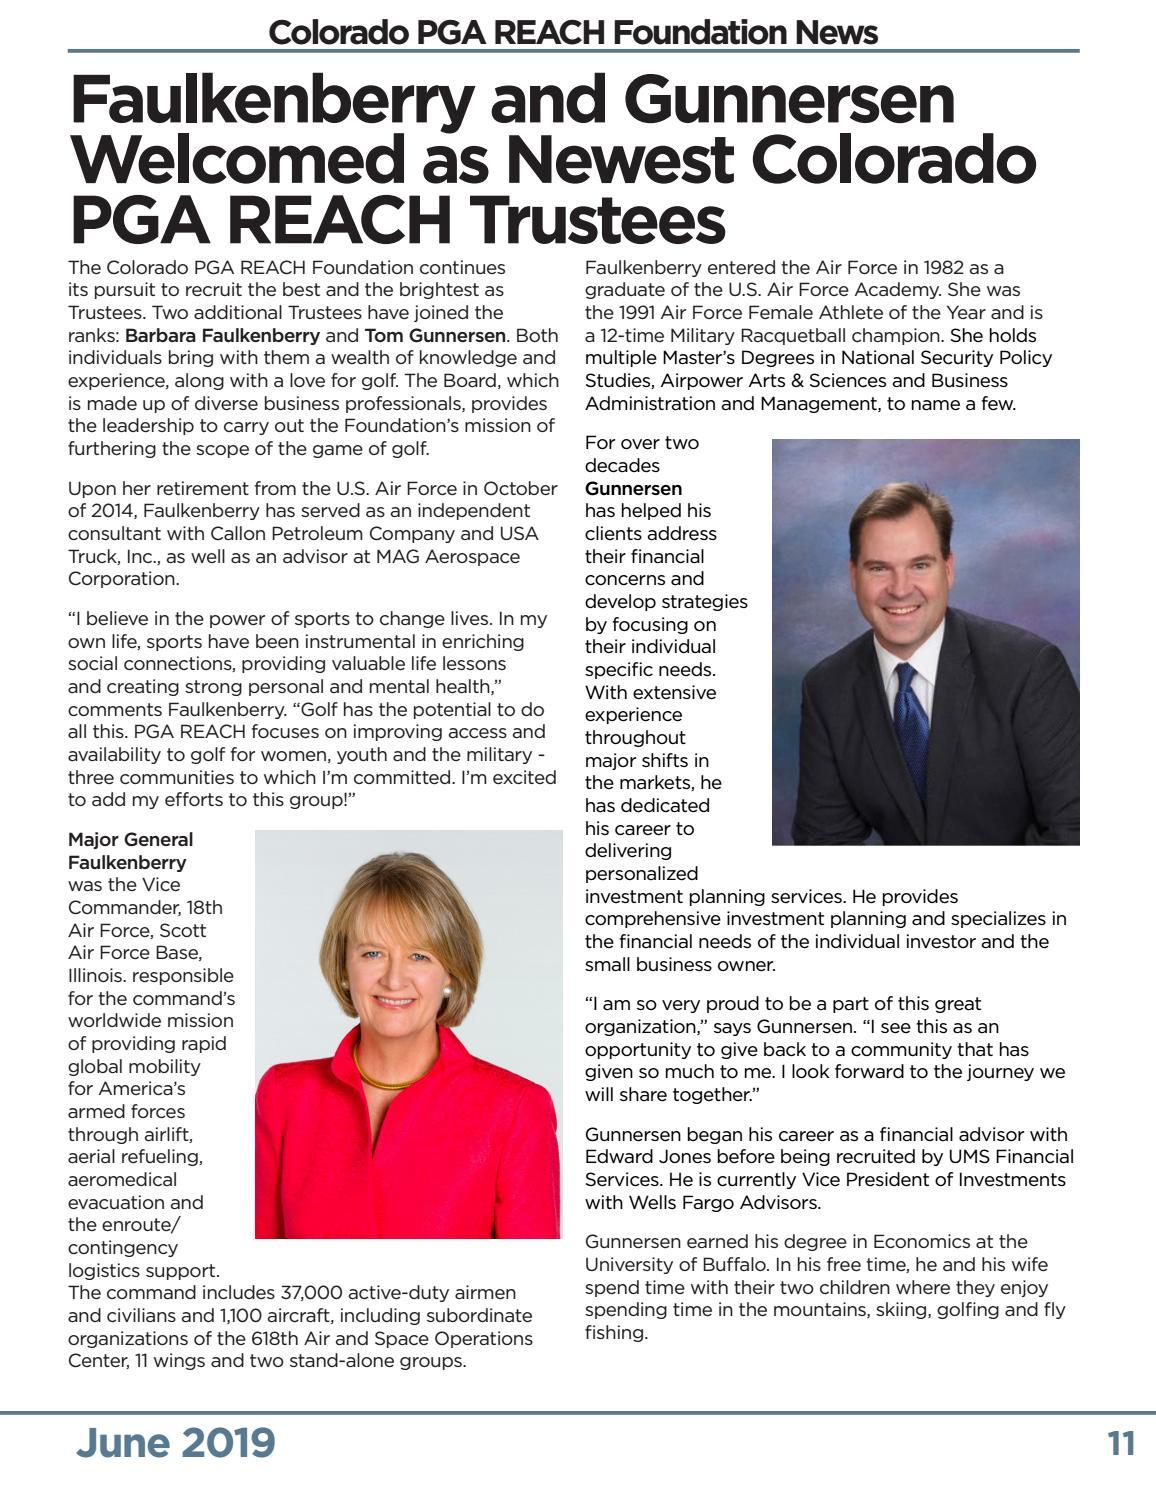 The SUMMIT - Colorado PGA Magazine - June 2019 by Colorado